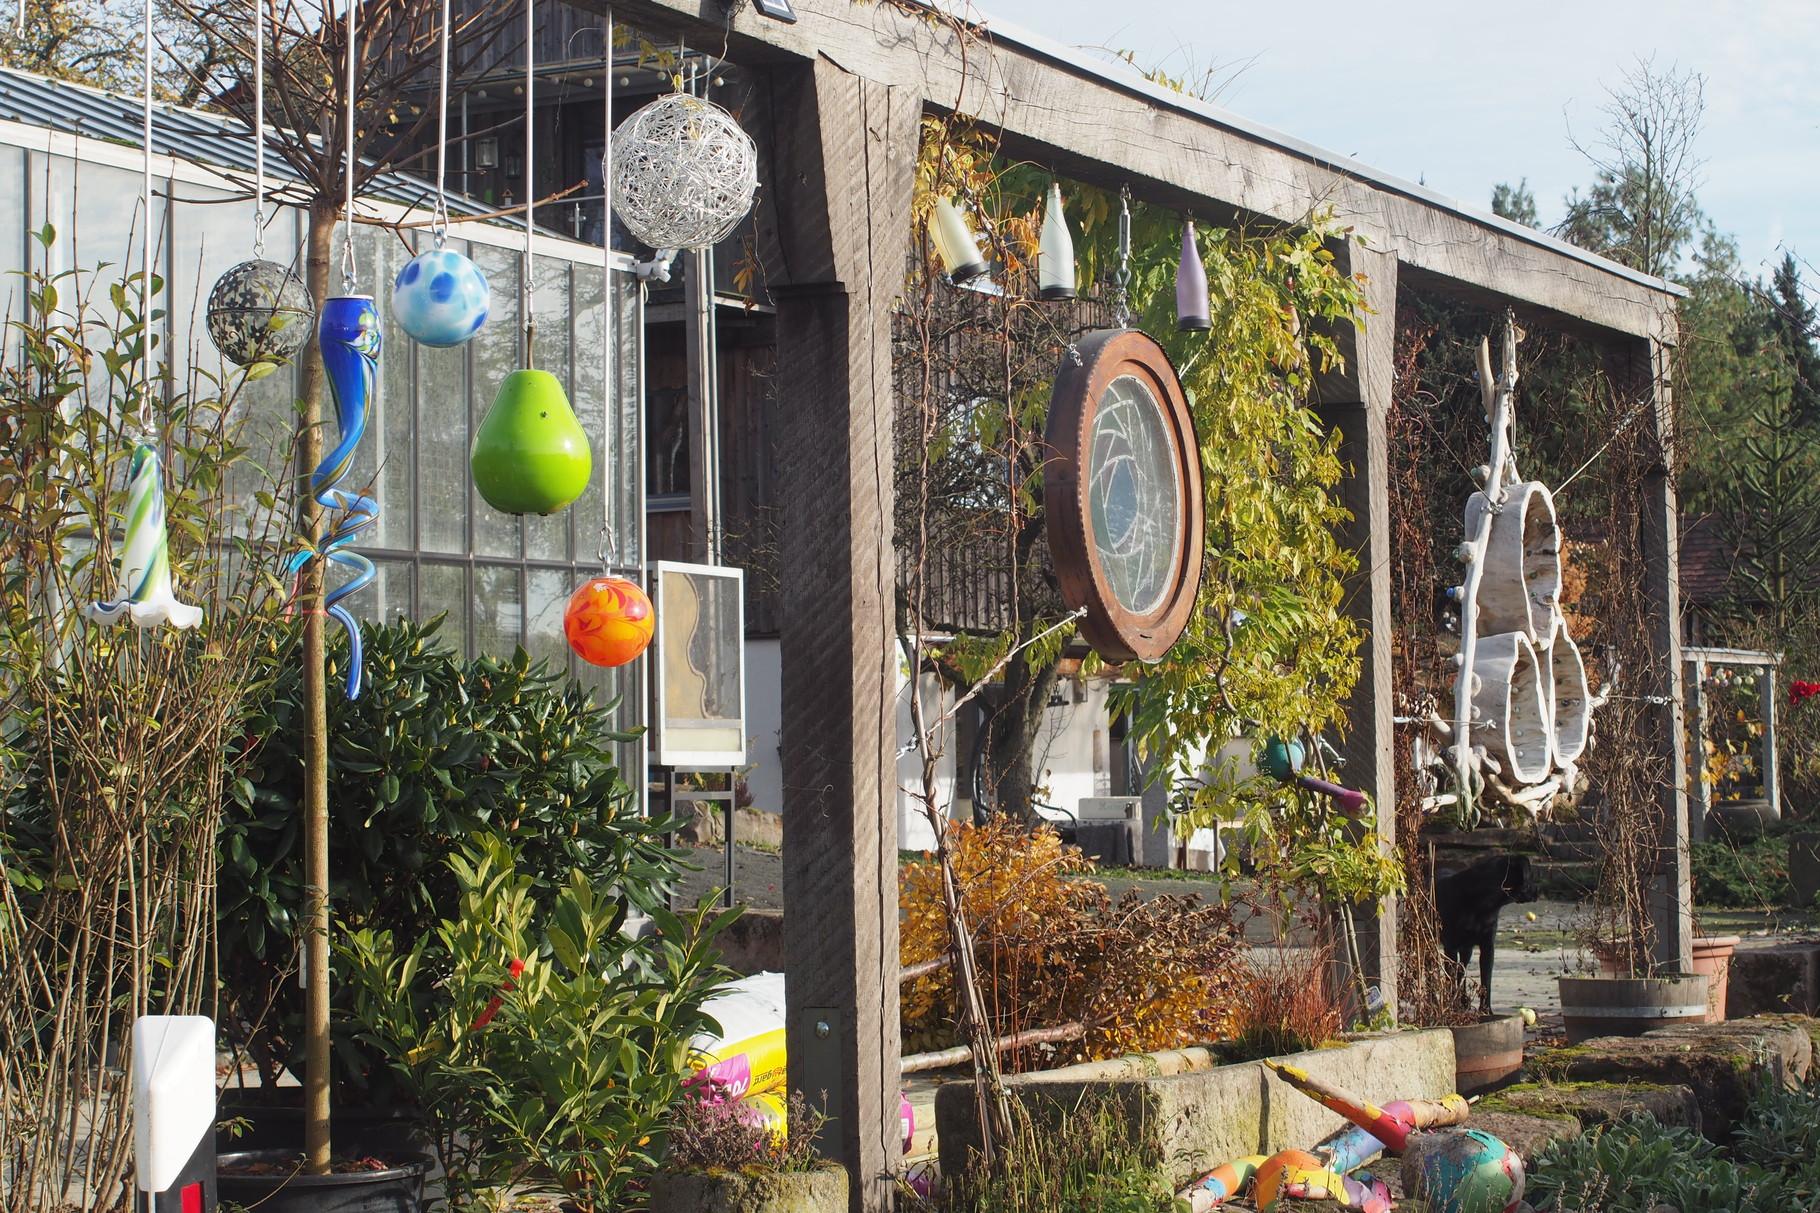 Gartendekoration garten und landschaftsbau manfred eder for Gartendekoration garten